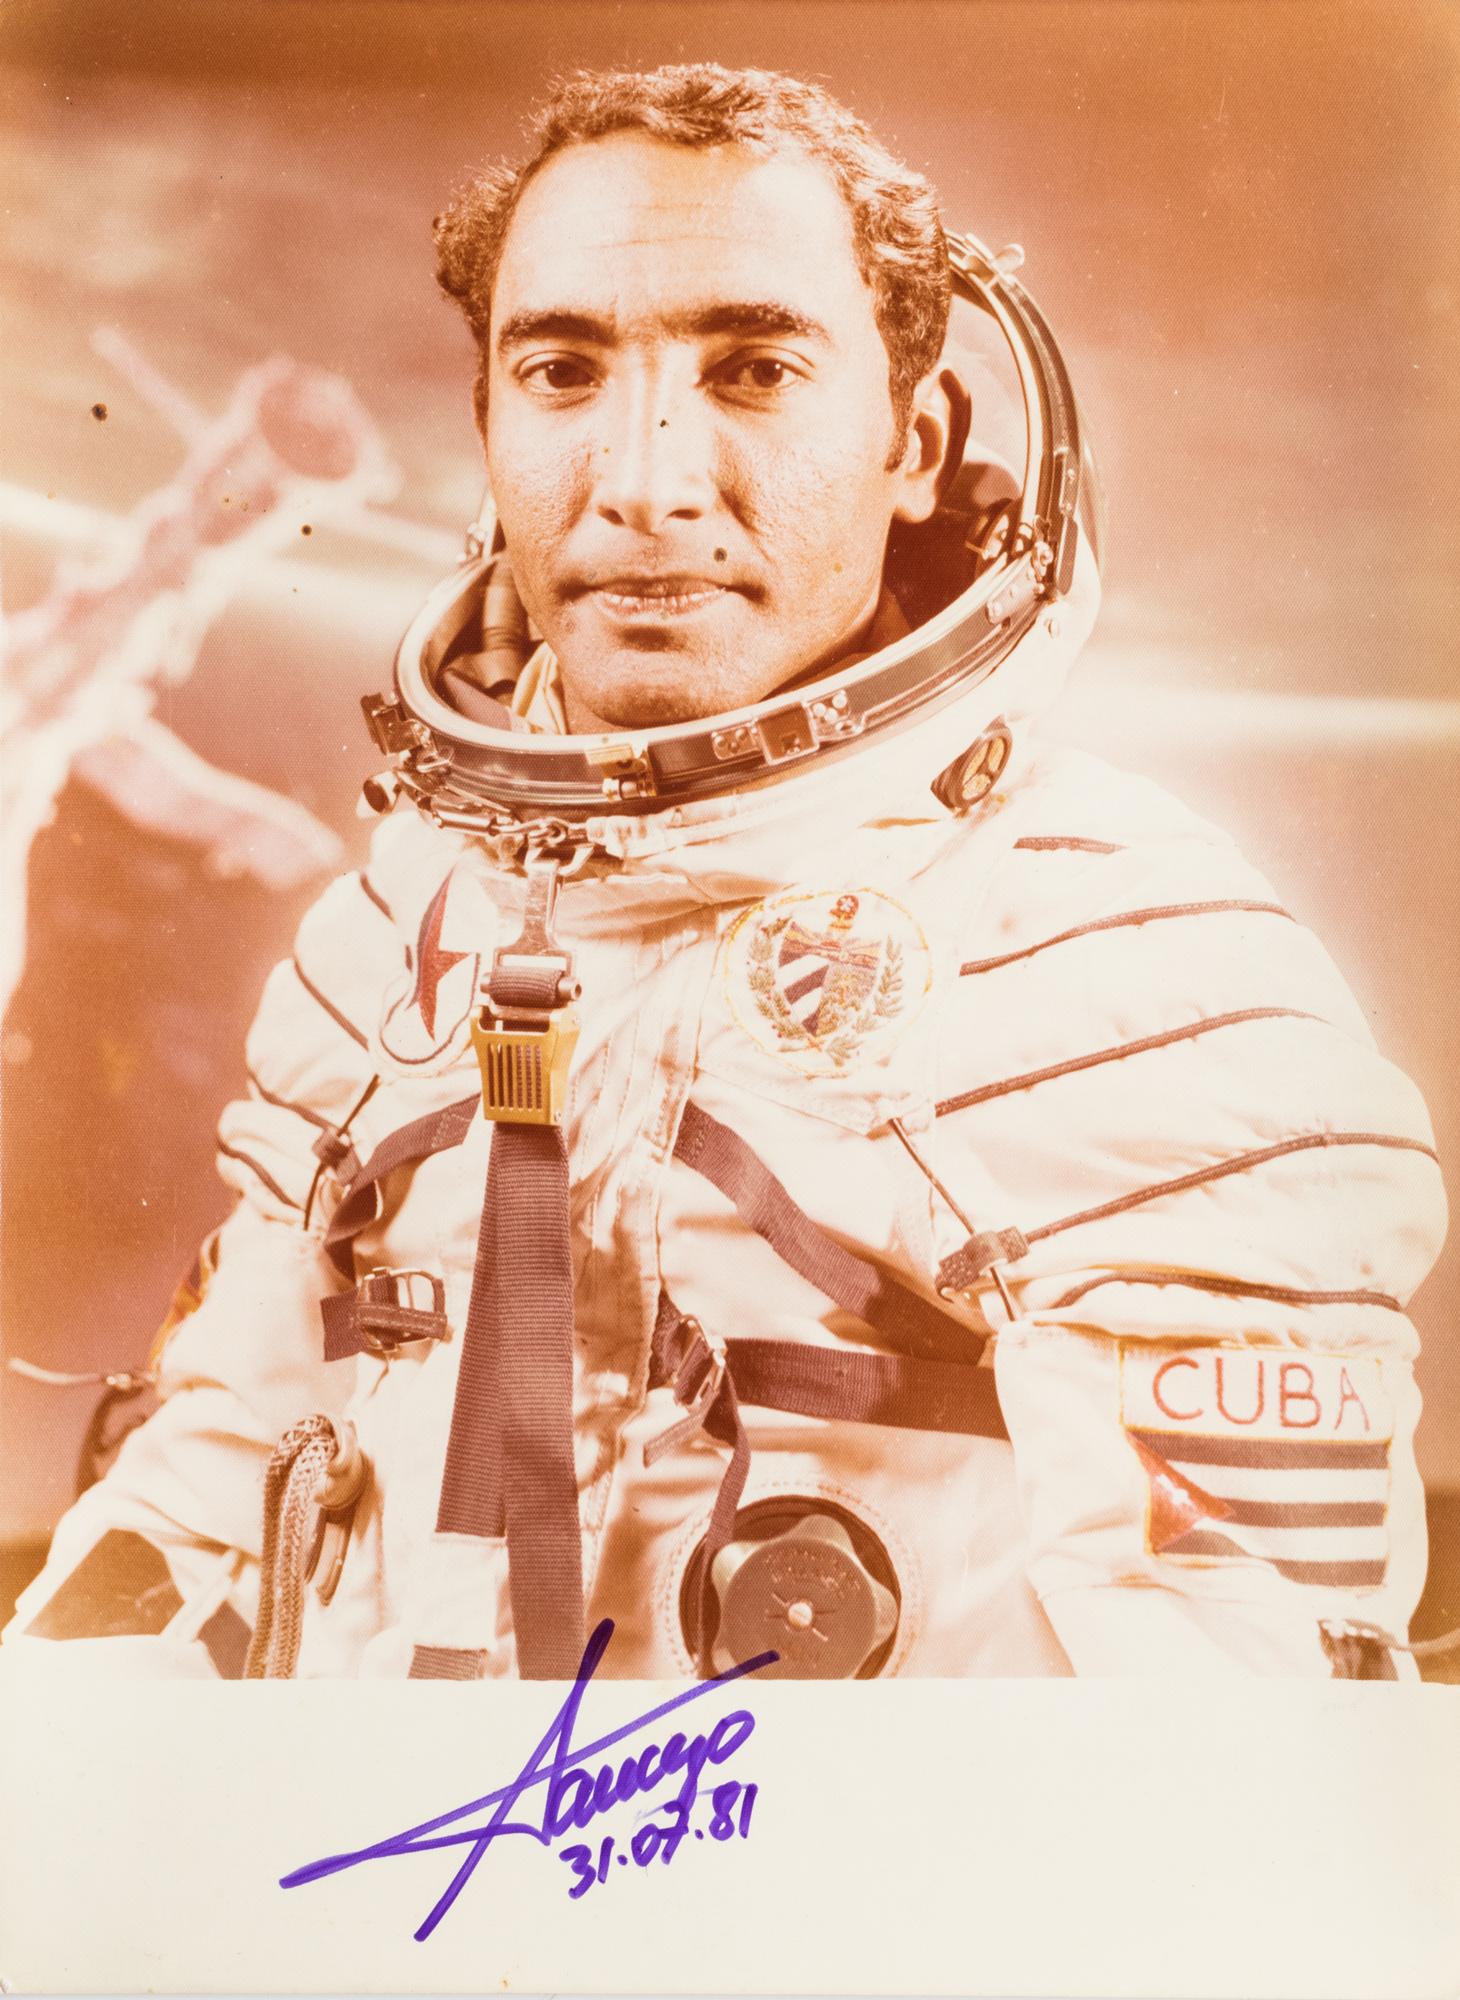 Ritratto dell'astronauta cubano Tamayo con la tuta spaziale